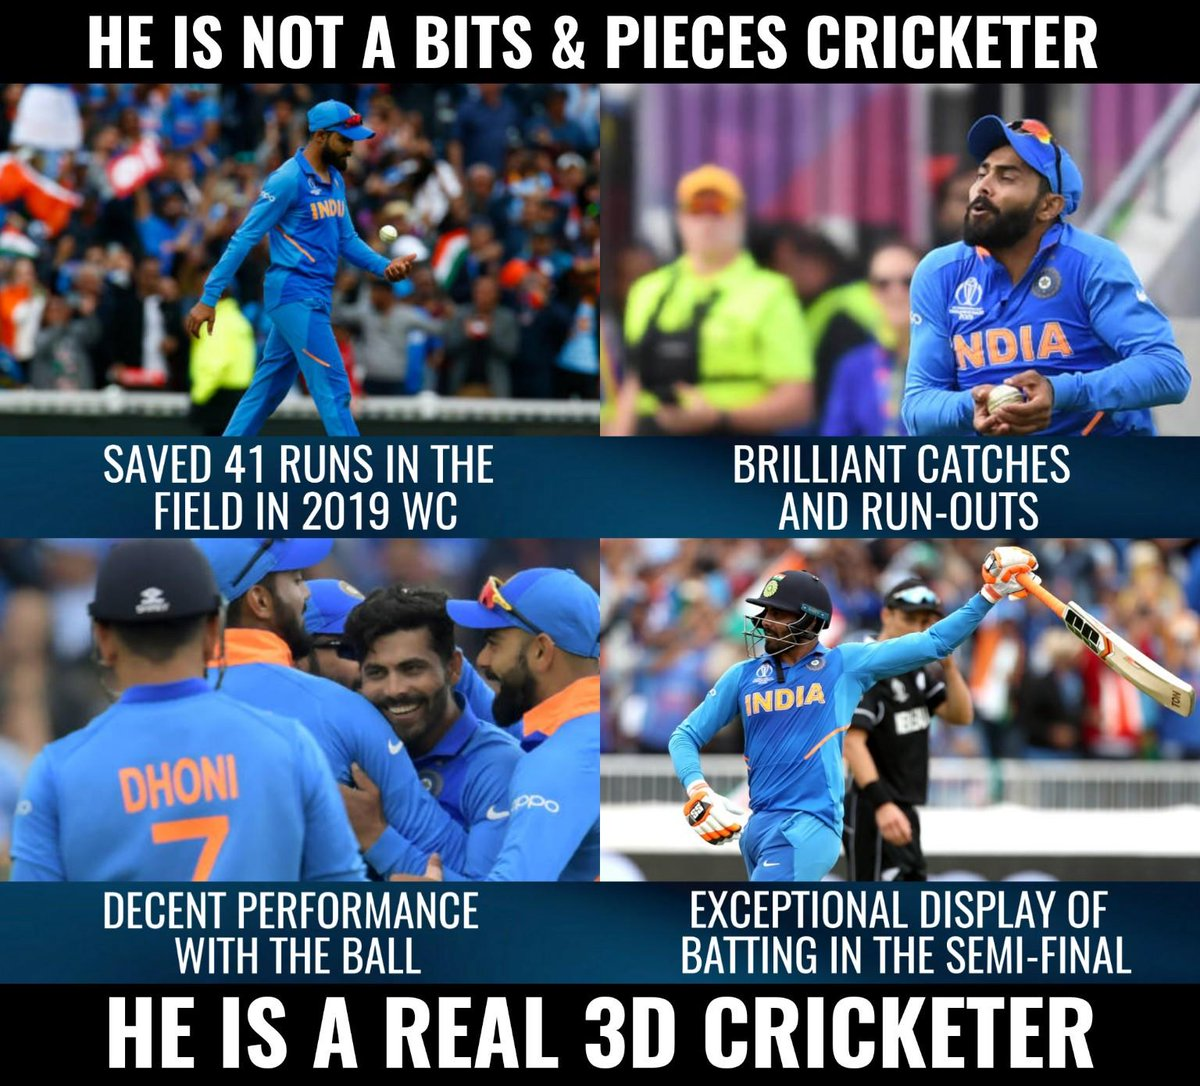 .@imjadeja - a real 3D cricketer. #CWC19 <br>http://pic.twitter.com/f2TJyRyxJT